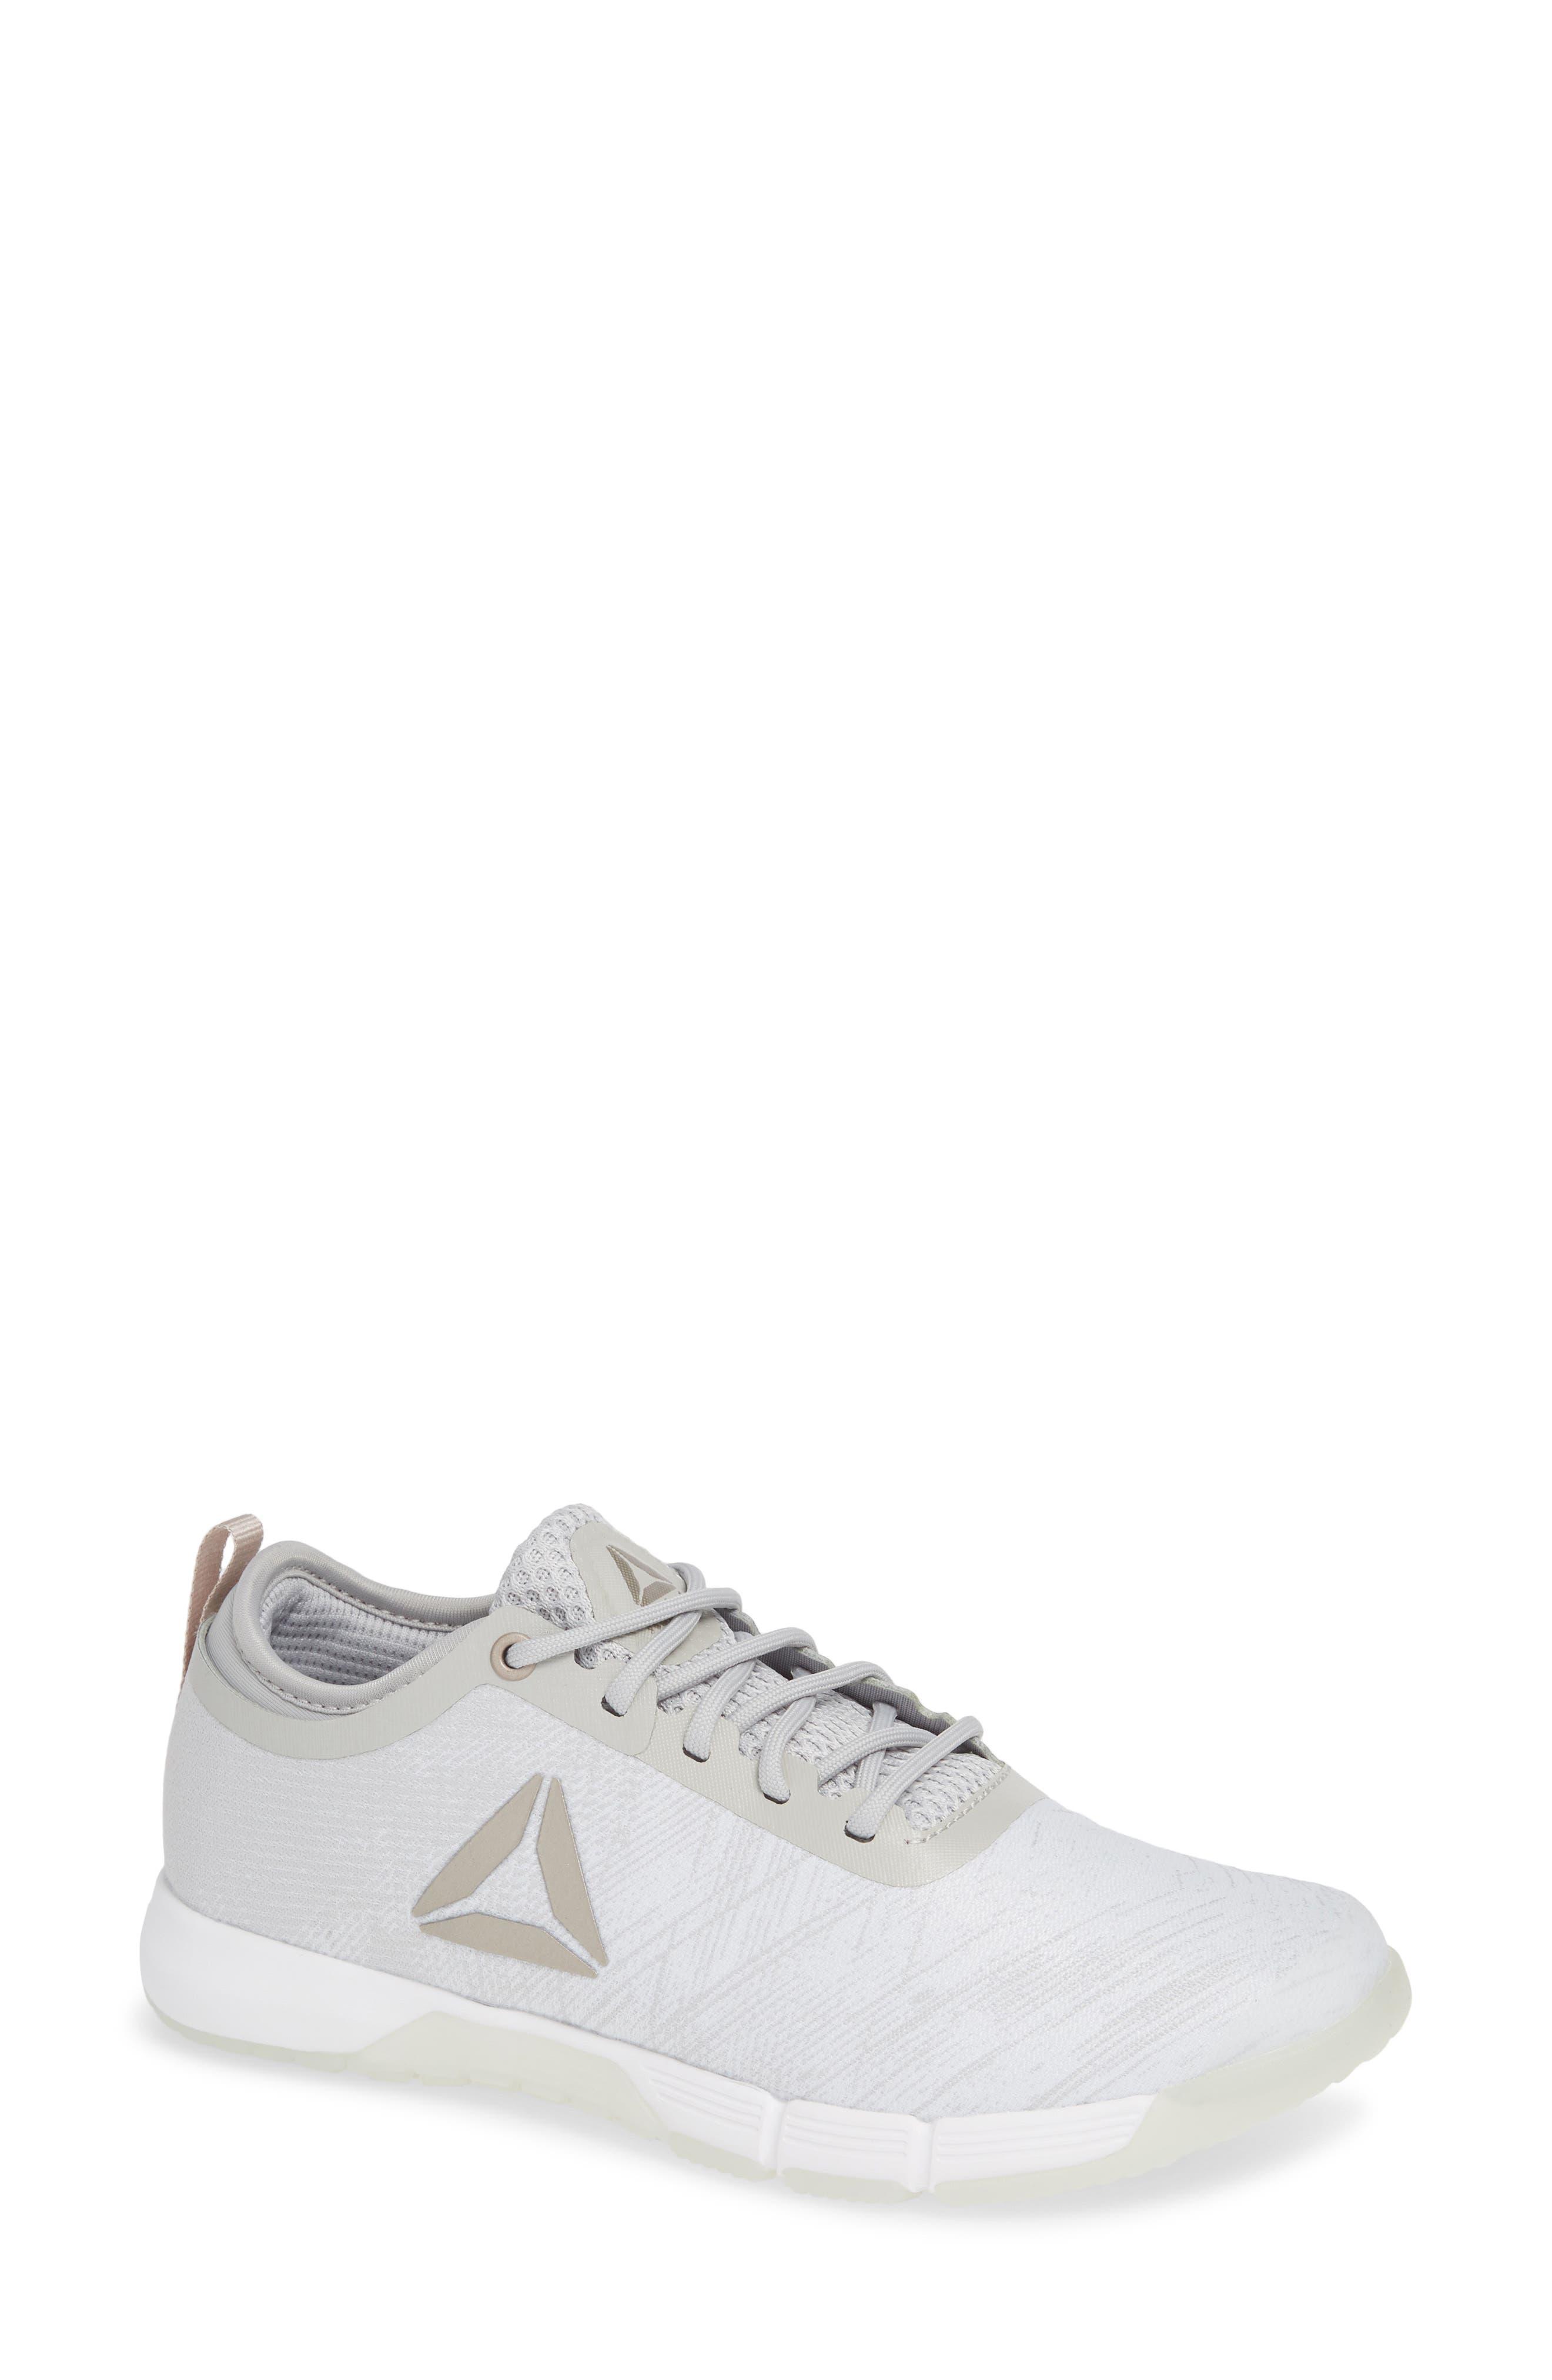 Speed Her TR Training Shoe,                             Main thumbnail 1, color,                             WHITE/ SPIRIT WHITE/ MOONDUST